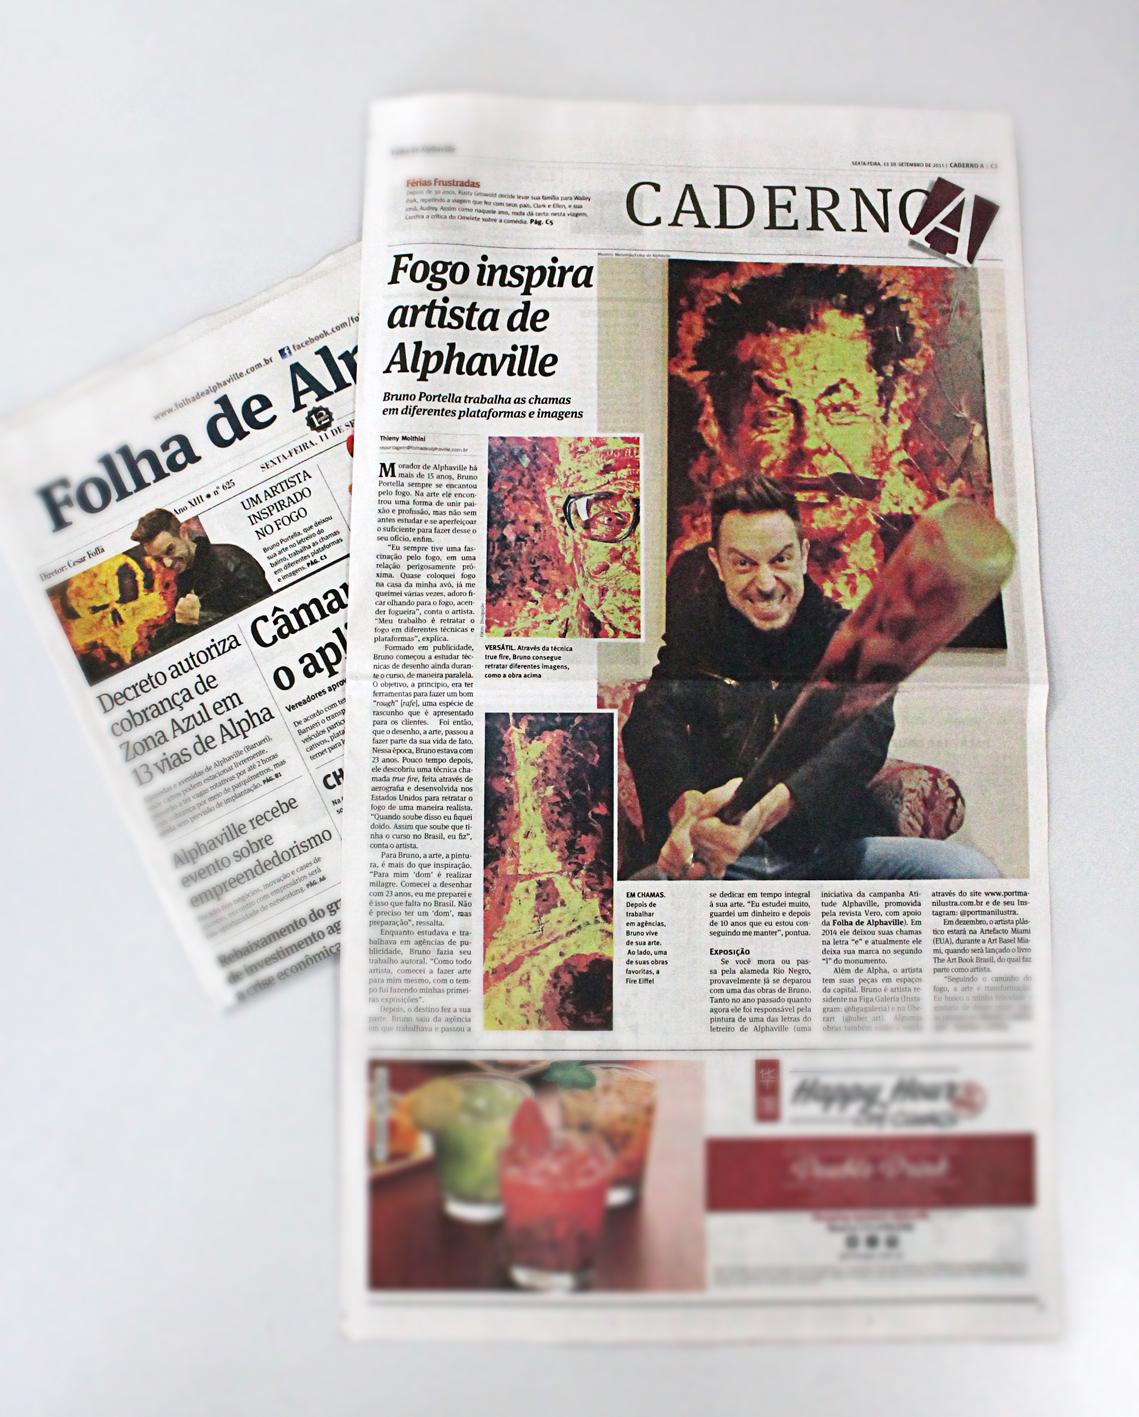 Capa_Caderno_Folha_de Alphaville1